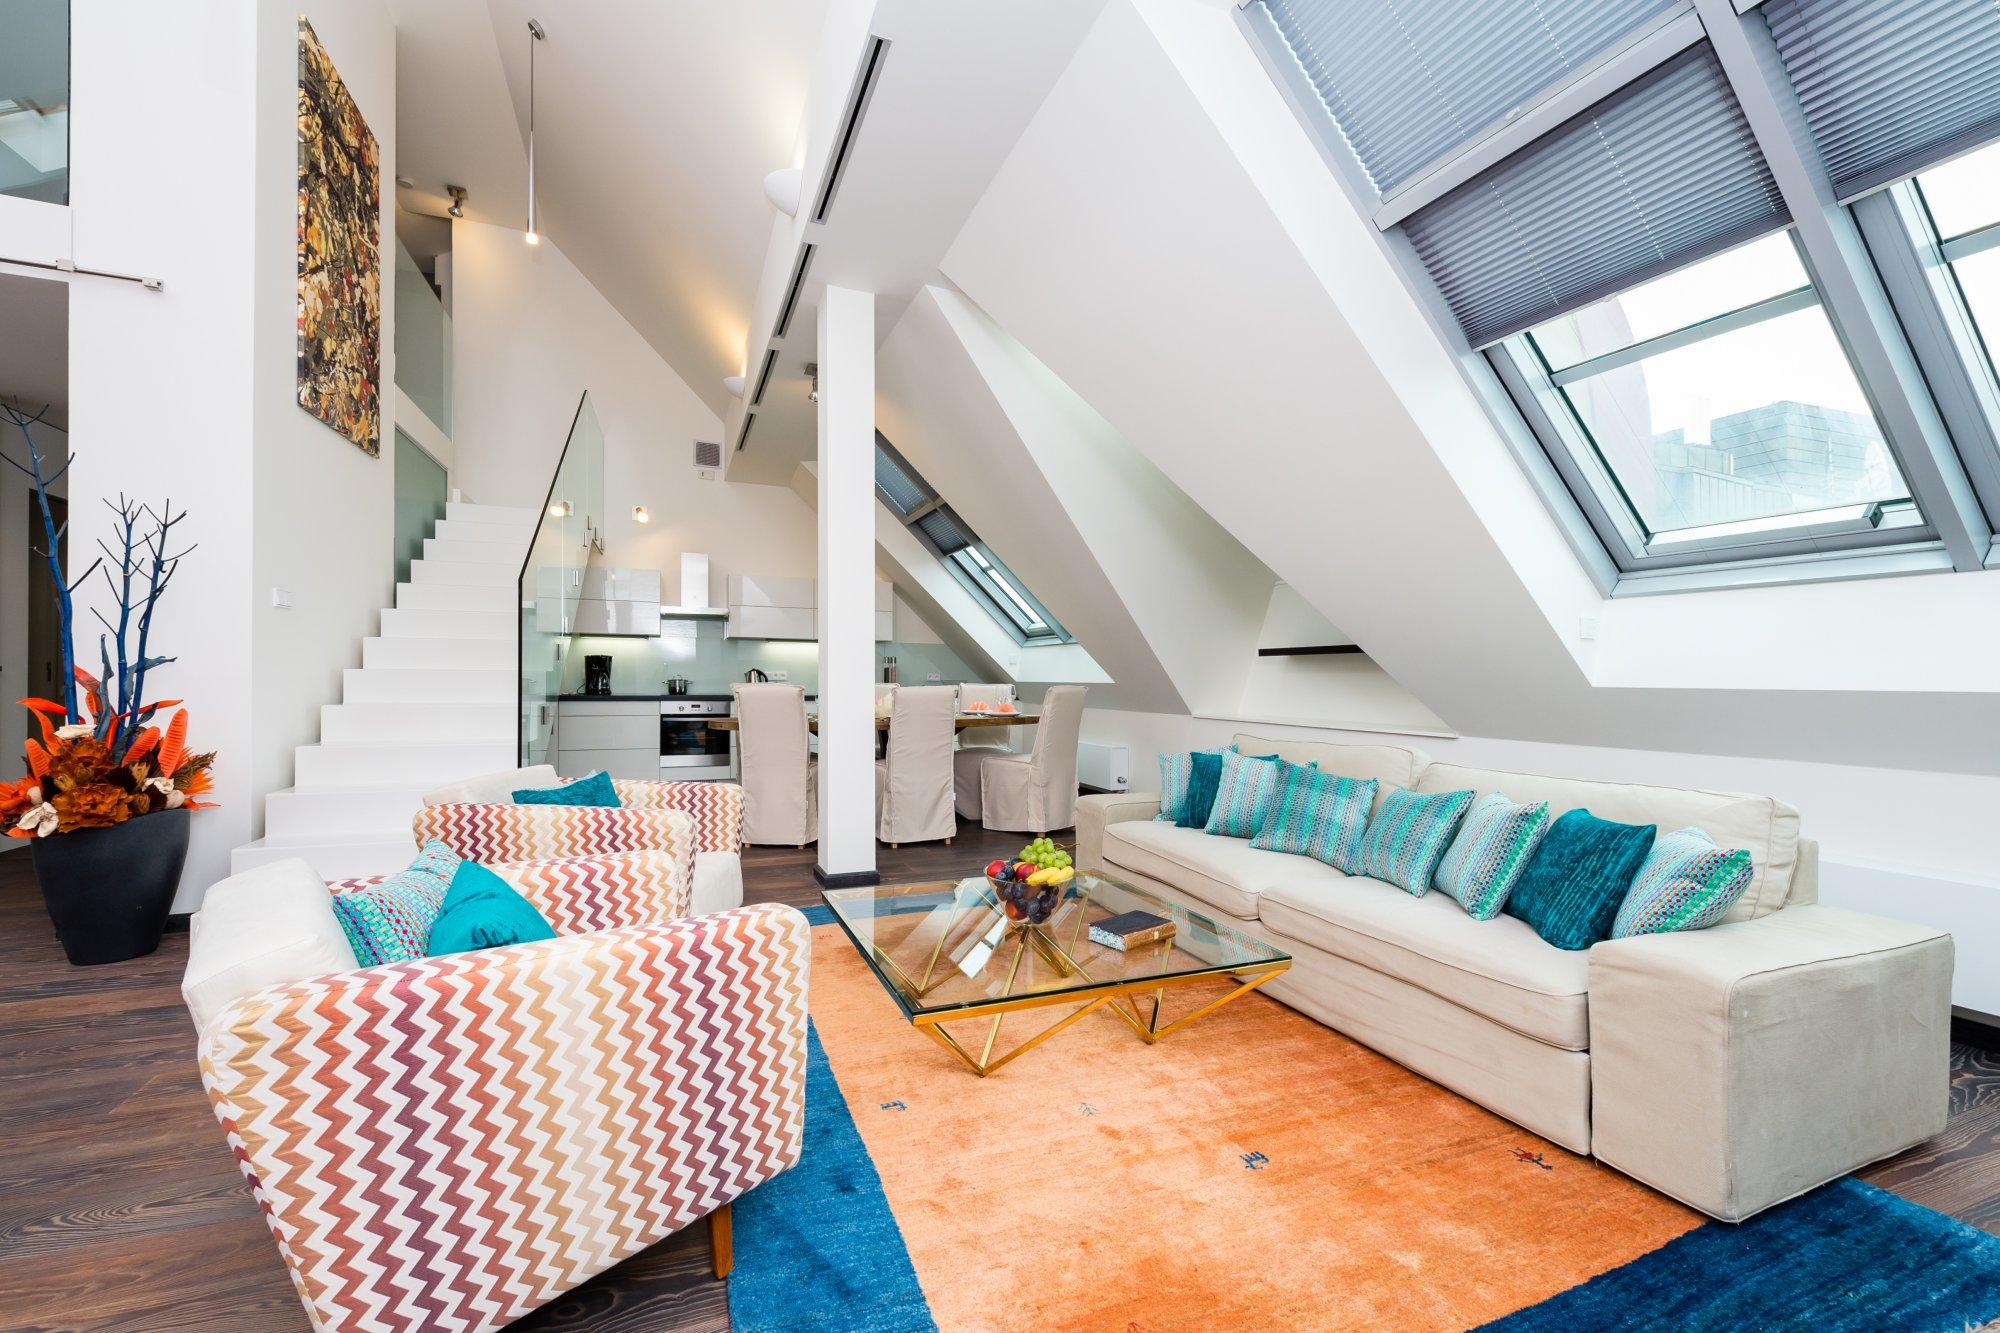 Půdní byt 4+kk, plocha 209 m², ulice Navrátilova, Praha 1 - Nové Město | 2